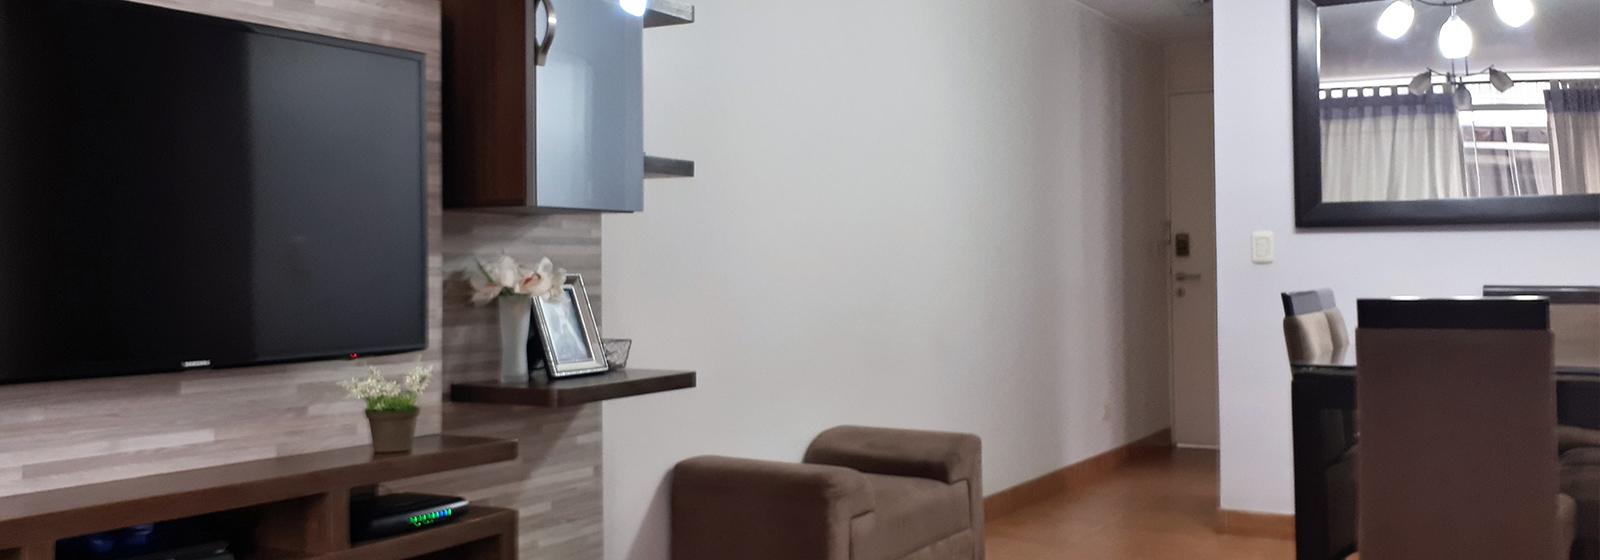 Vendo lindo departamento en condominio en Chorrillos